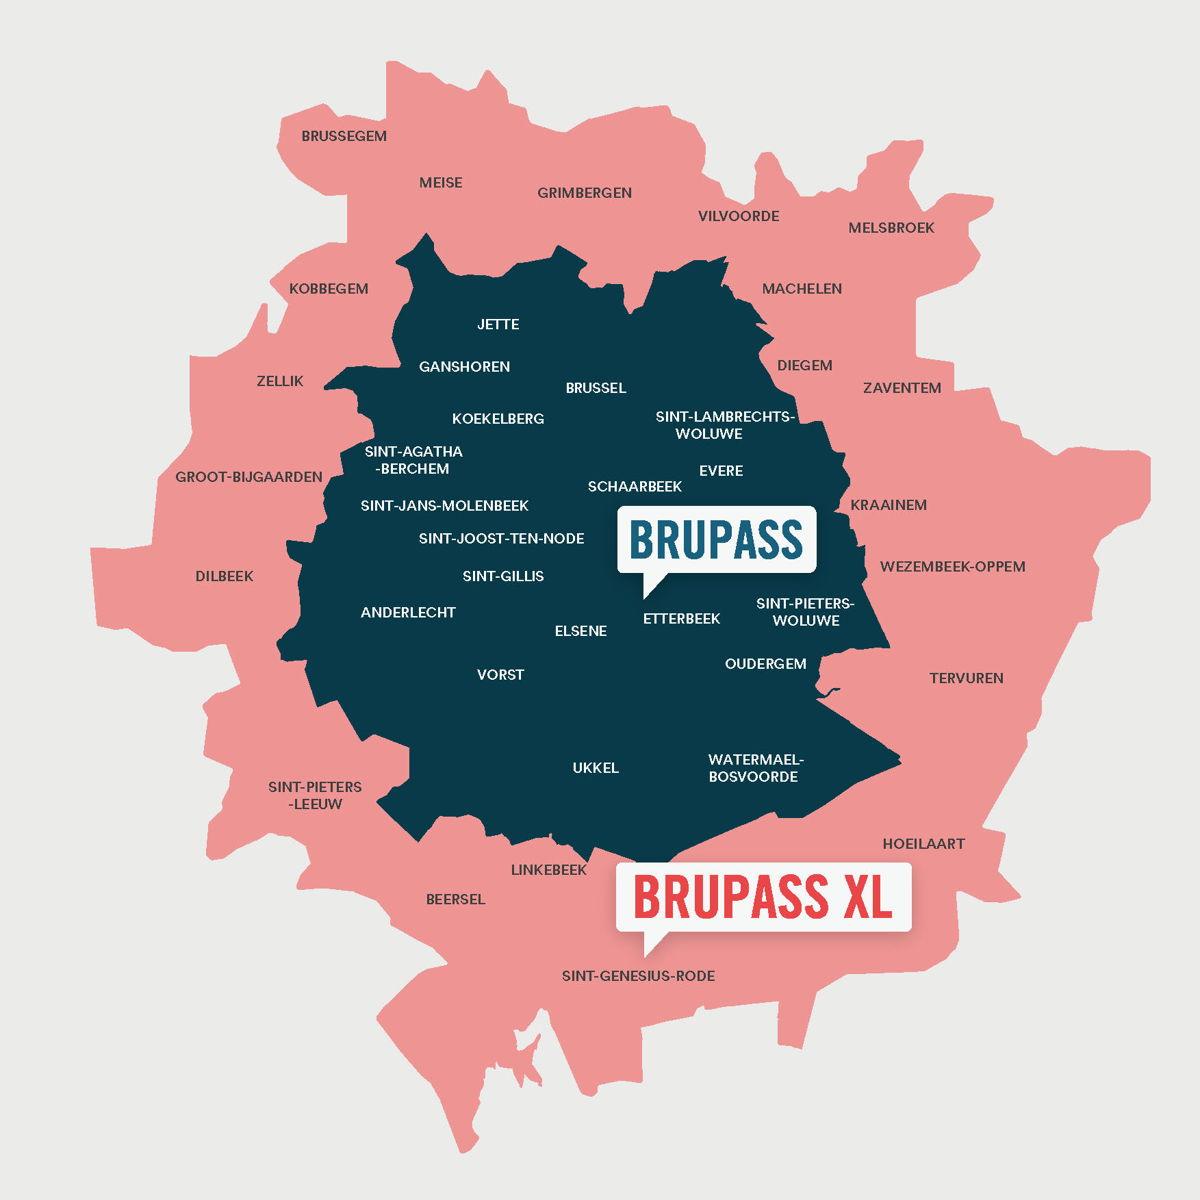 De BRUPASS XL-zone omvat de huidige zone van Brussel (de voormalige MTB-zone, de blauwe op de kaart) en de uitgebreide zone (de roze zone op de kaart).